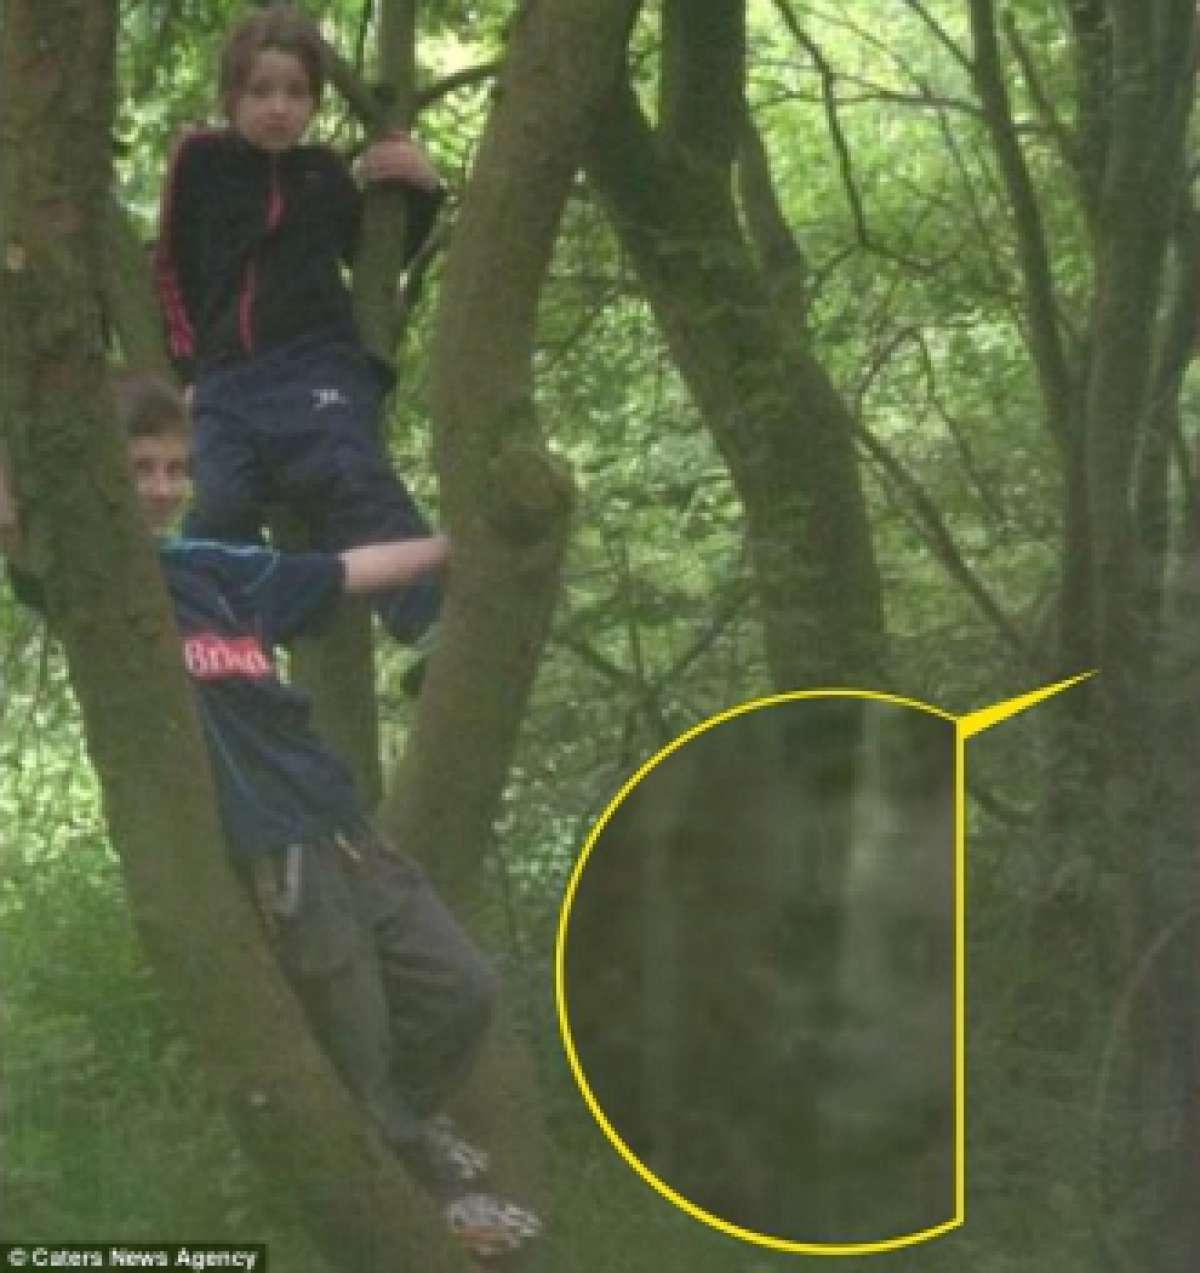 Совместная фотография с призраком маленького мальчика византийской эпохи